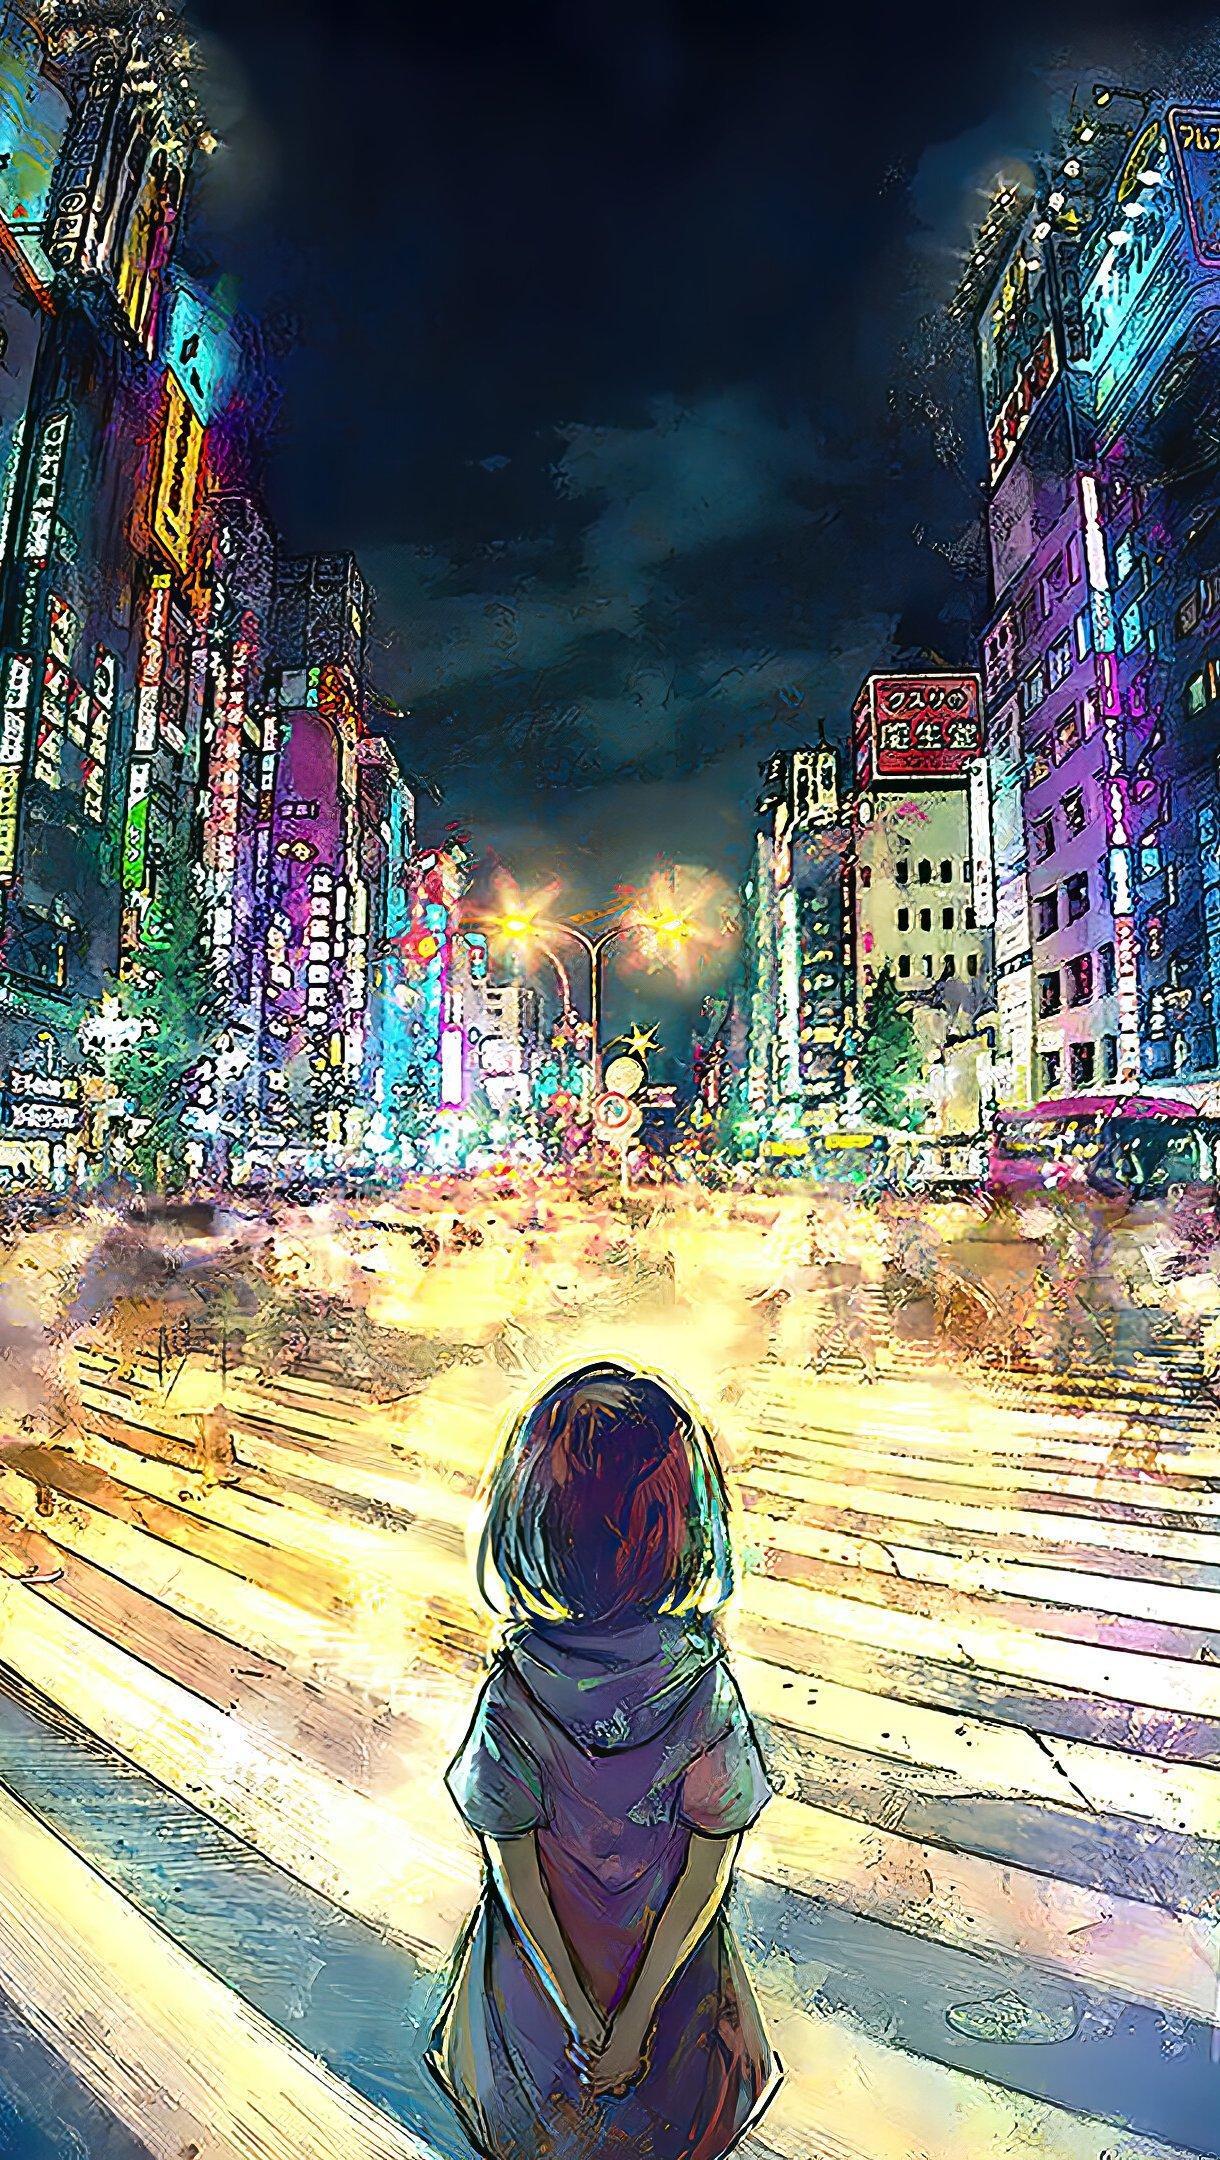 Fondos de pantalla Chica  Anime en Tokio Artwork Vertical